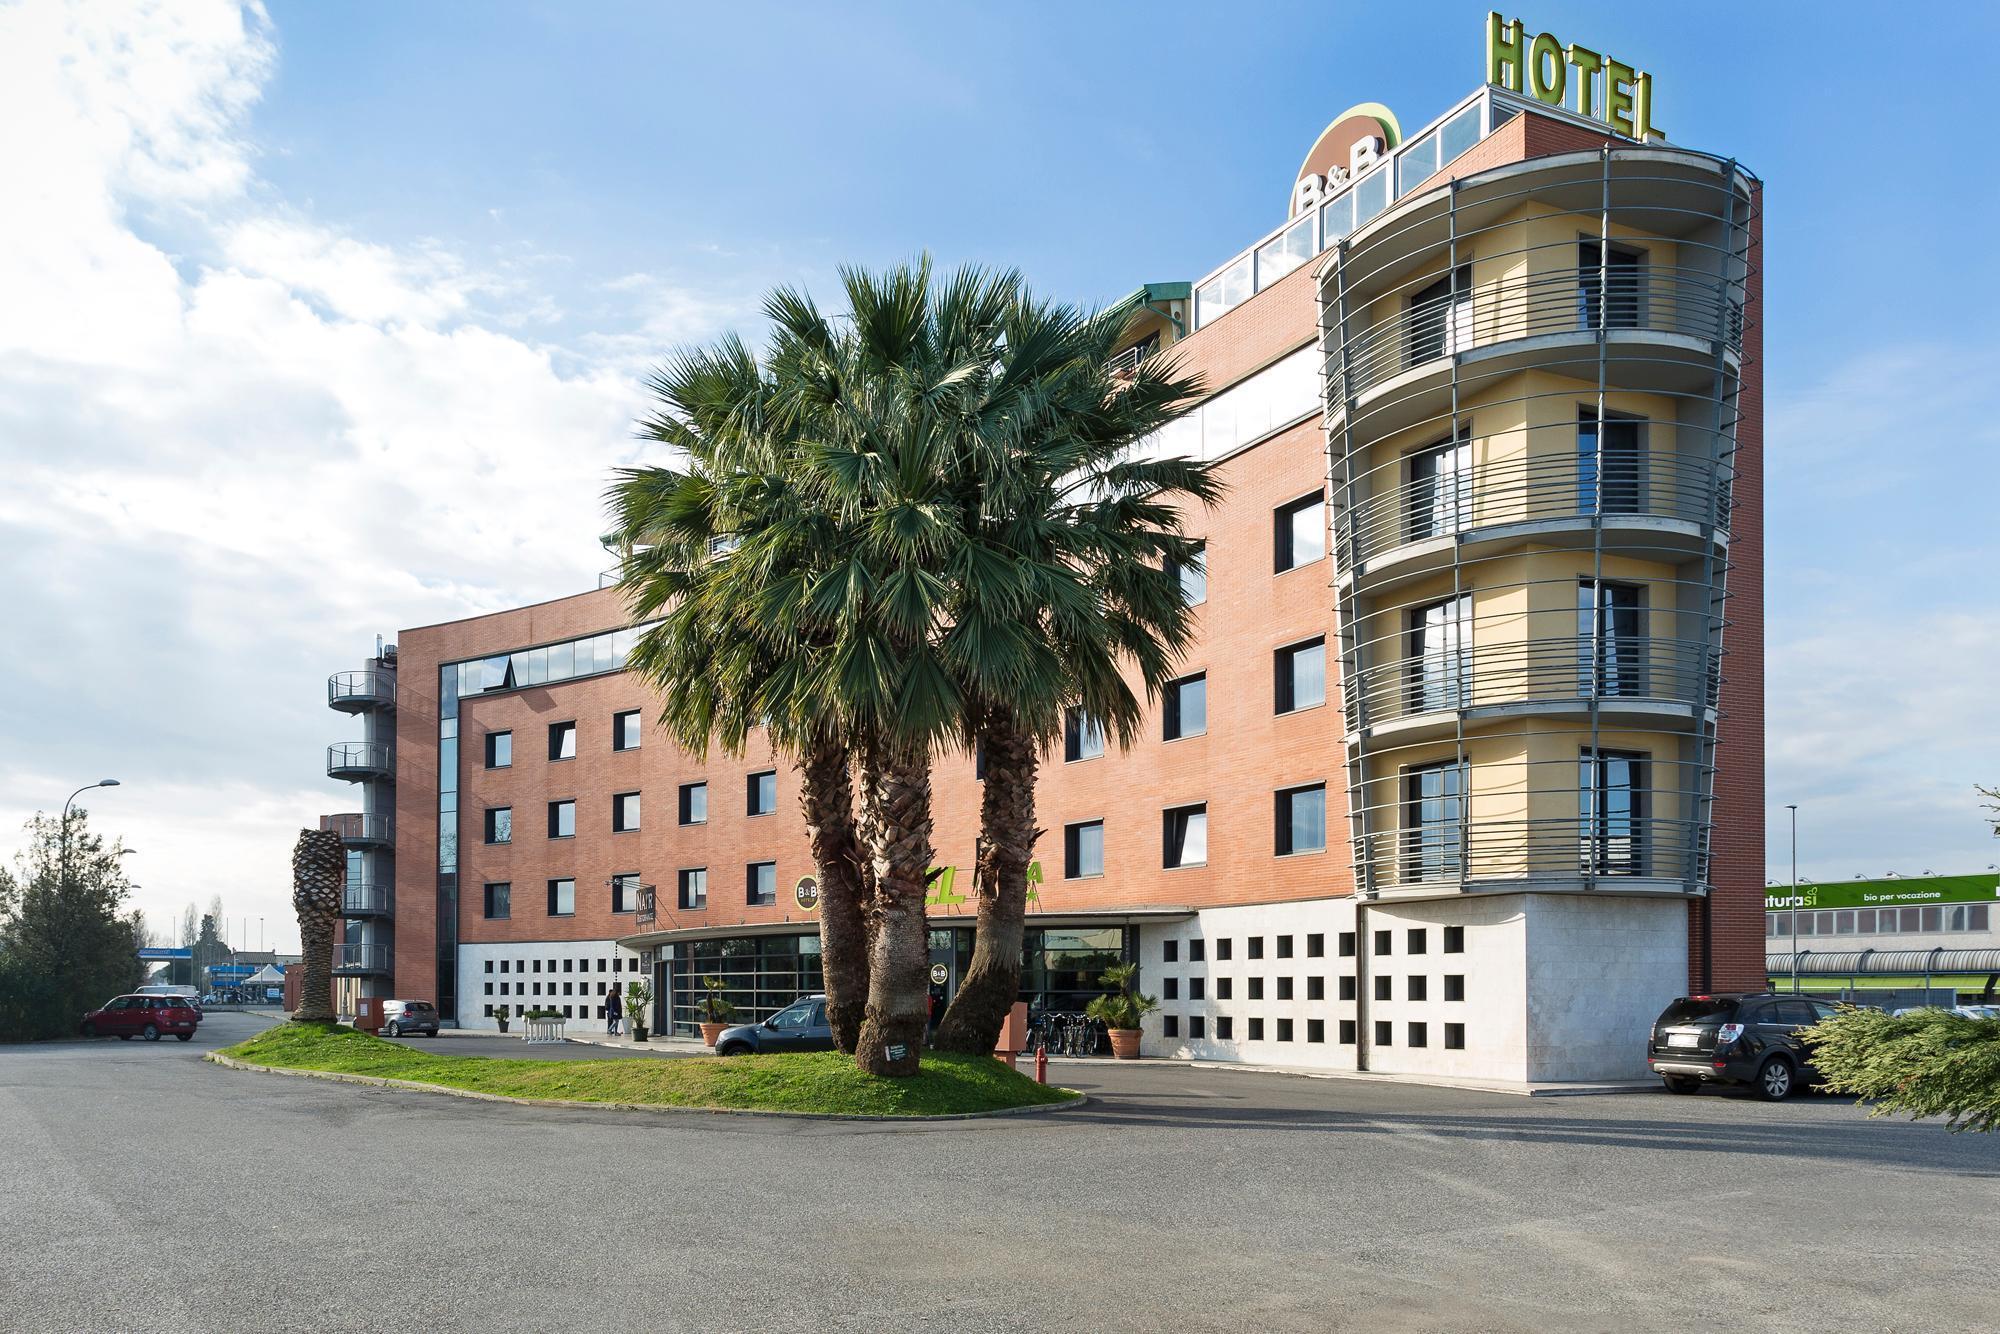 BandB Hotel Pisa